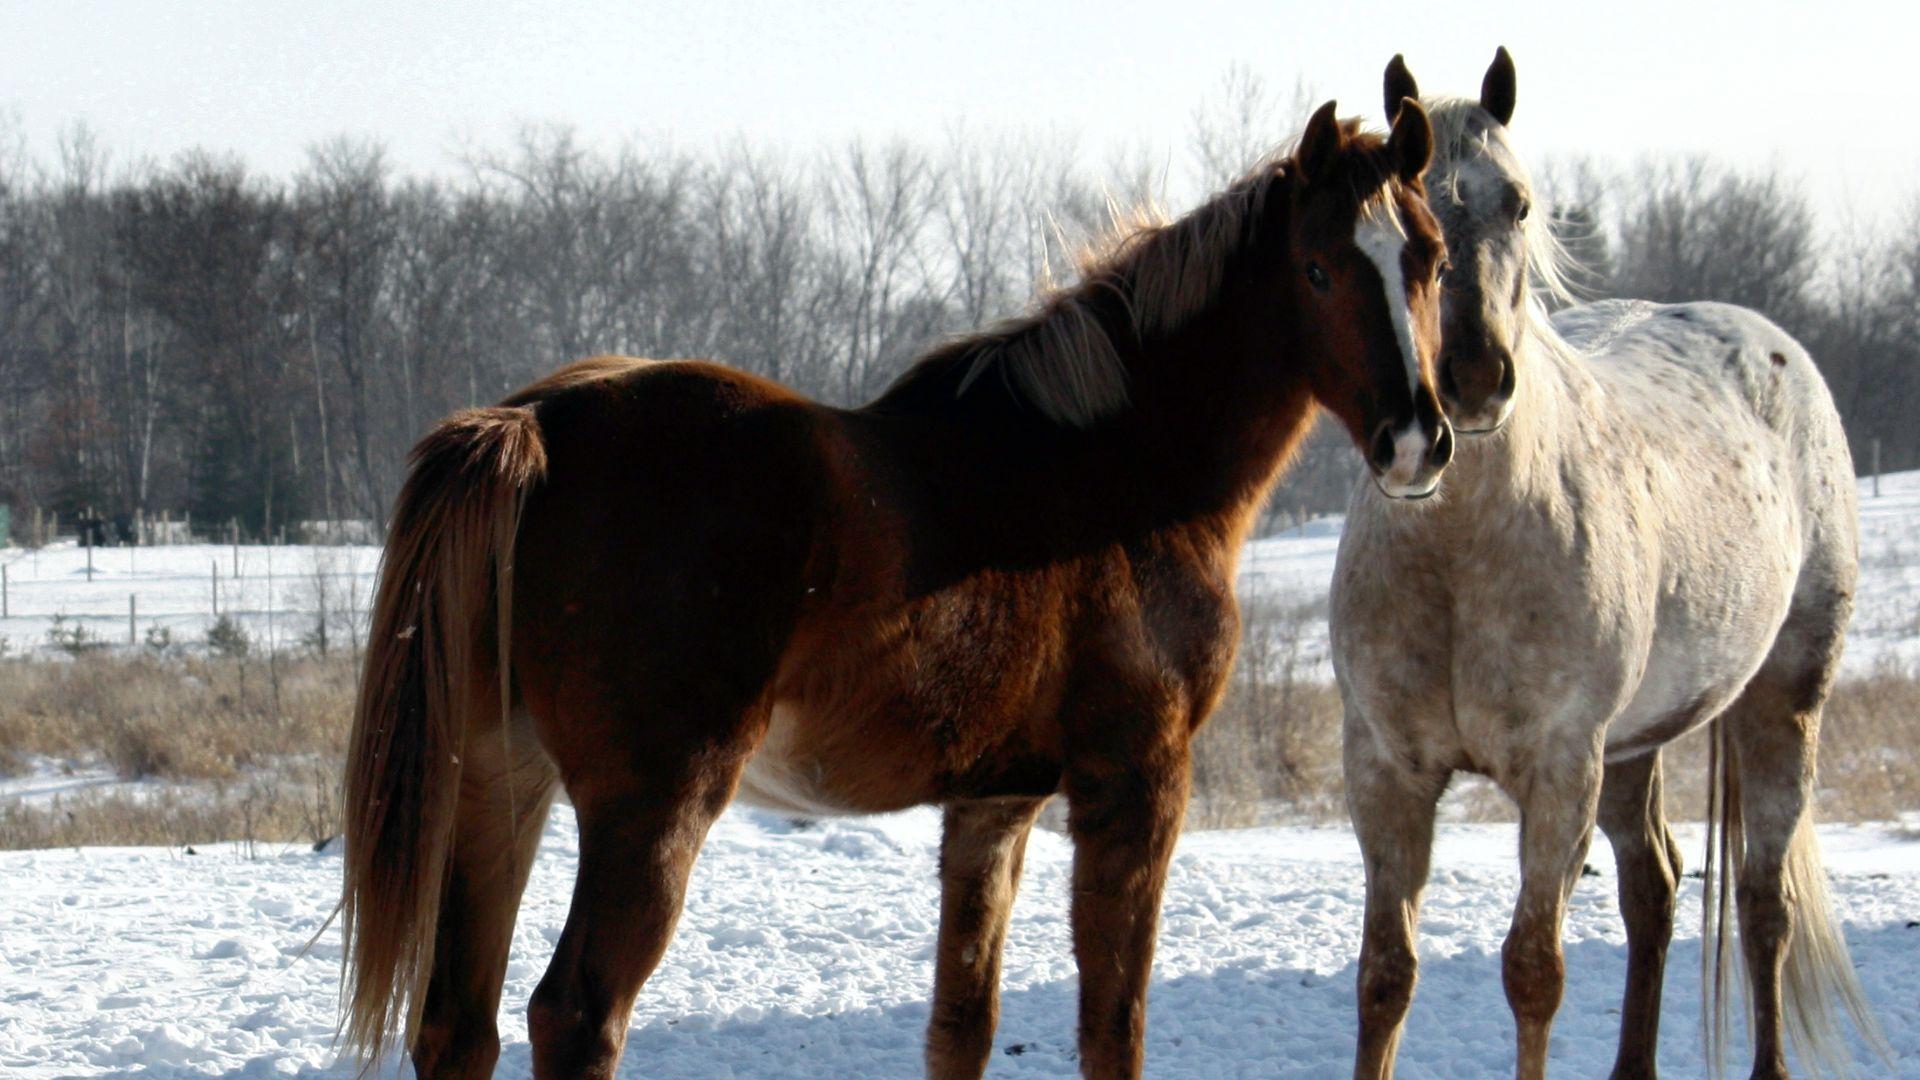 Beautiful Horses wallpaper   ForWallpapercom 1920x1080